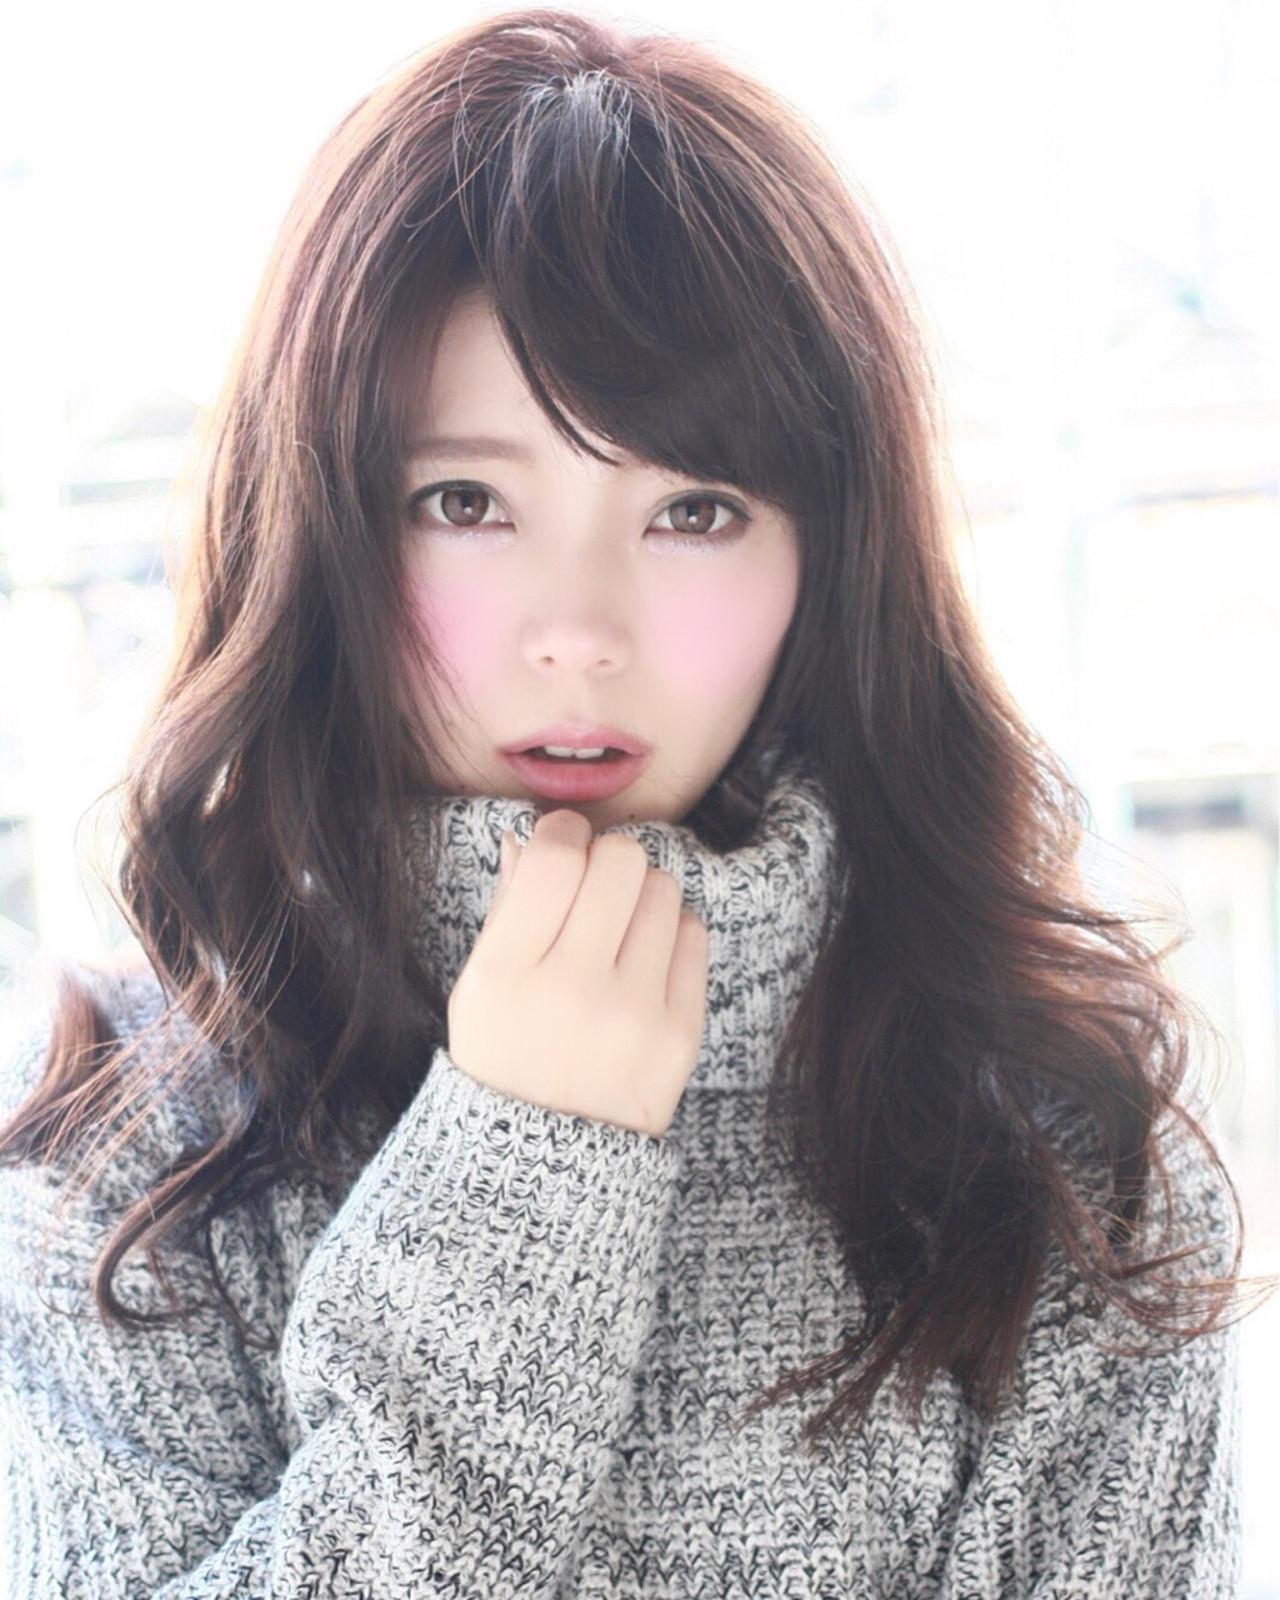 フェミニン ダークアッシュ コンサバ ロング ヘアスタイルや髪型の写真・画像 | 山田 あかり /